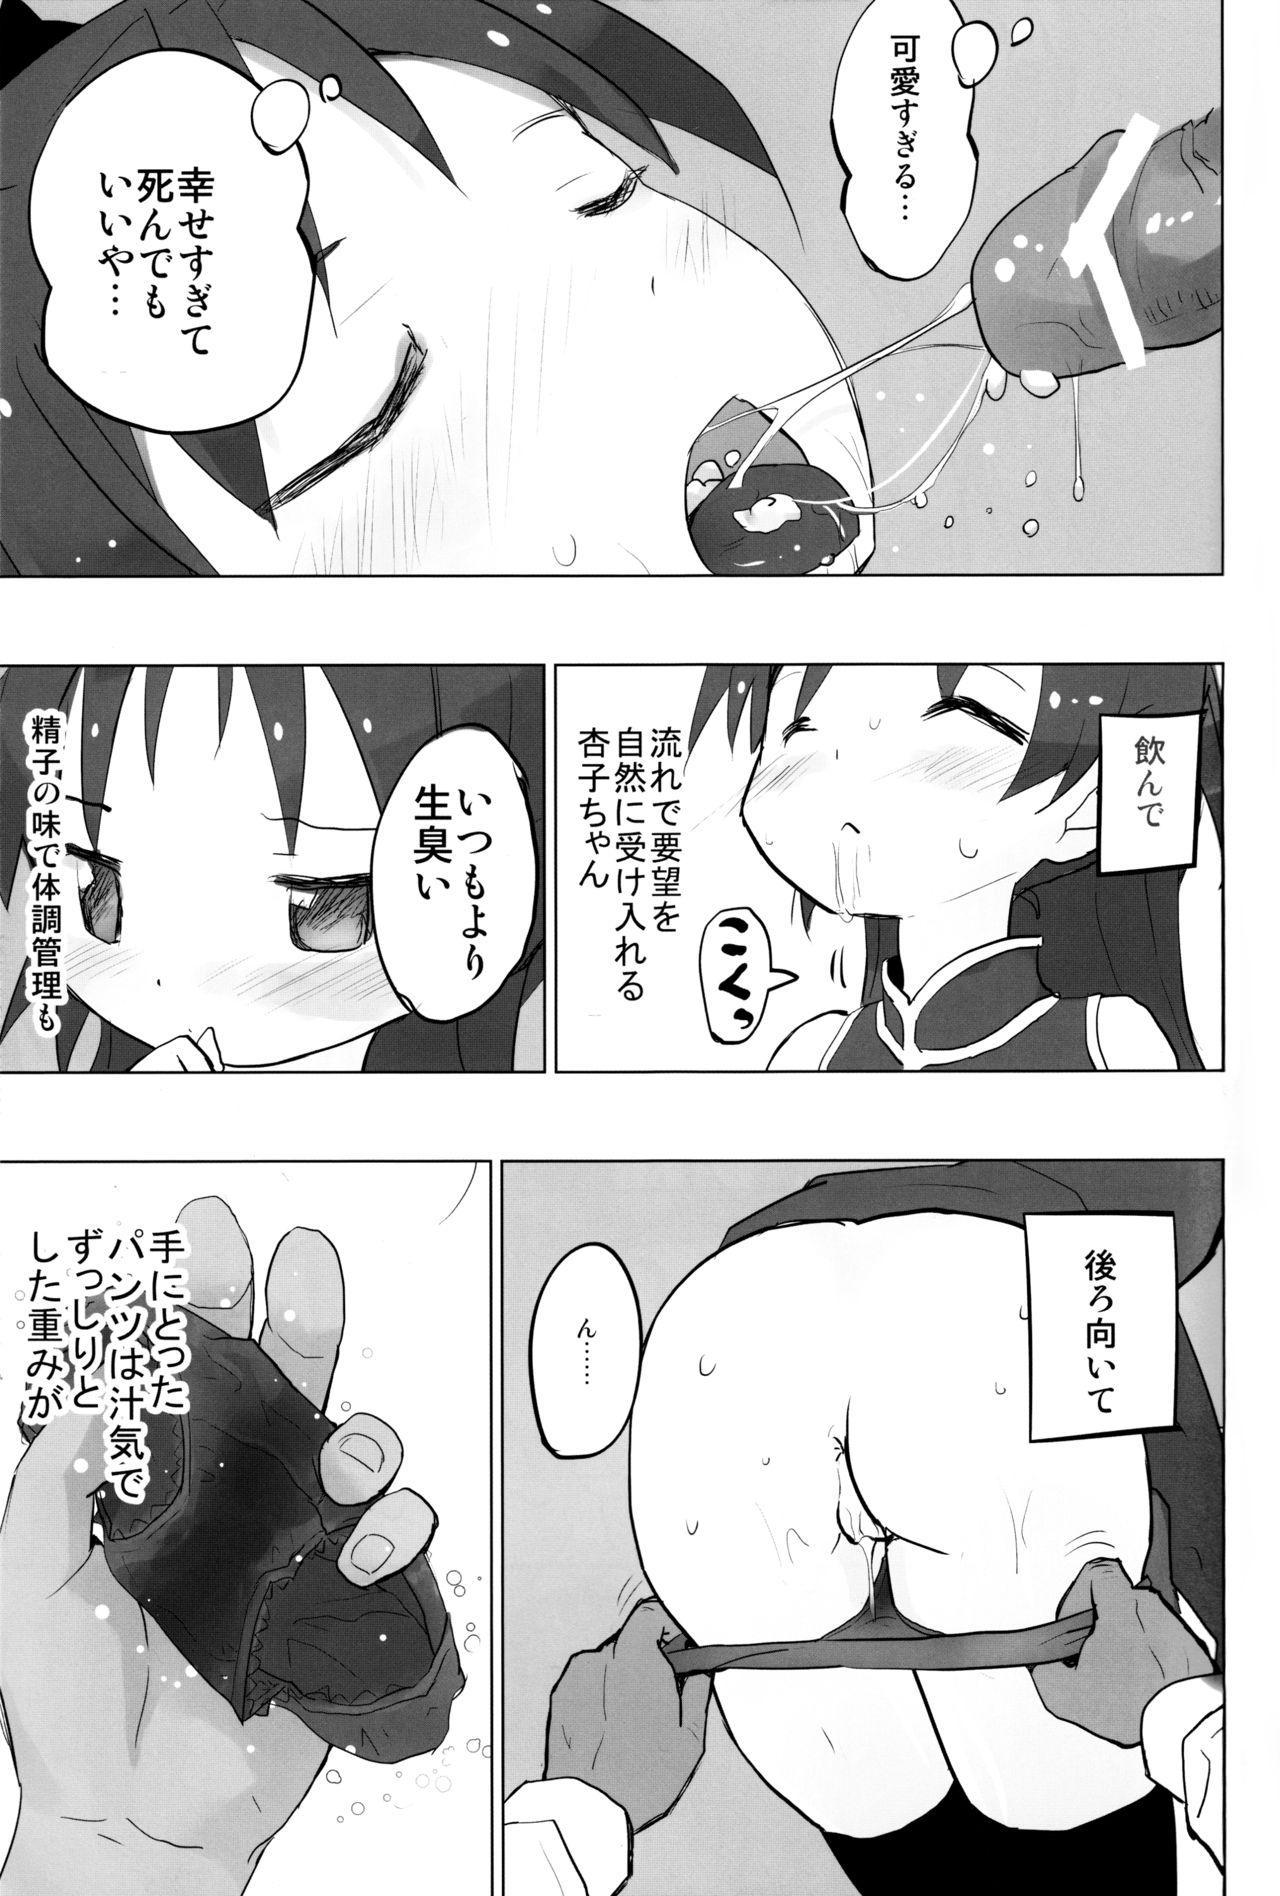 MadoOn no Sekai dato Ossan wa Mahou Shoujo de Sunao na Kyouko-chan o Tsuremawashite Zaiakukan Bokki 7